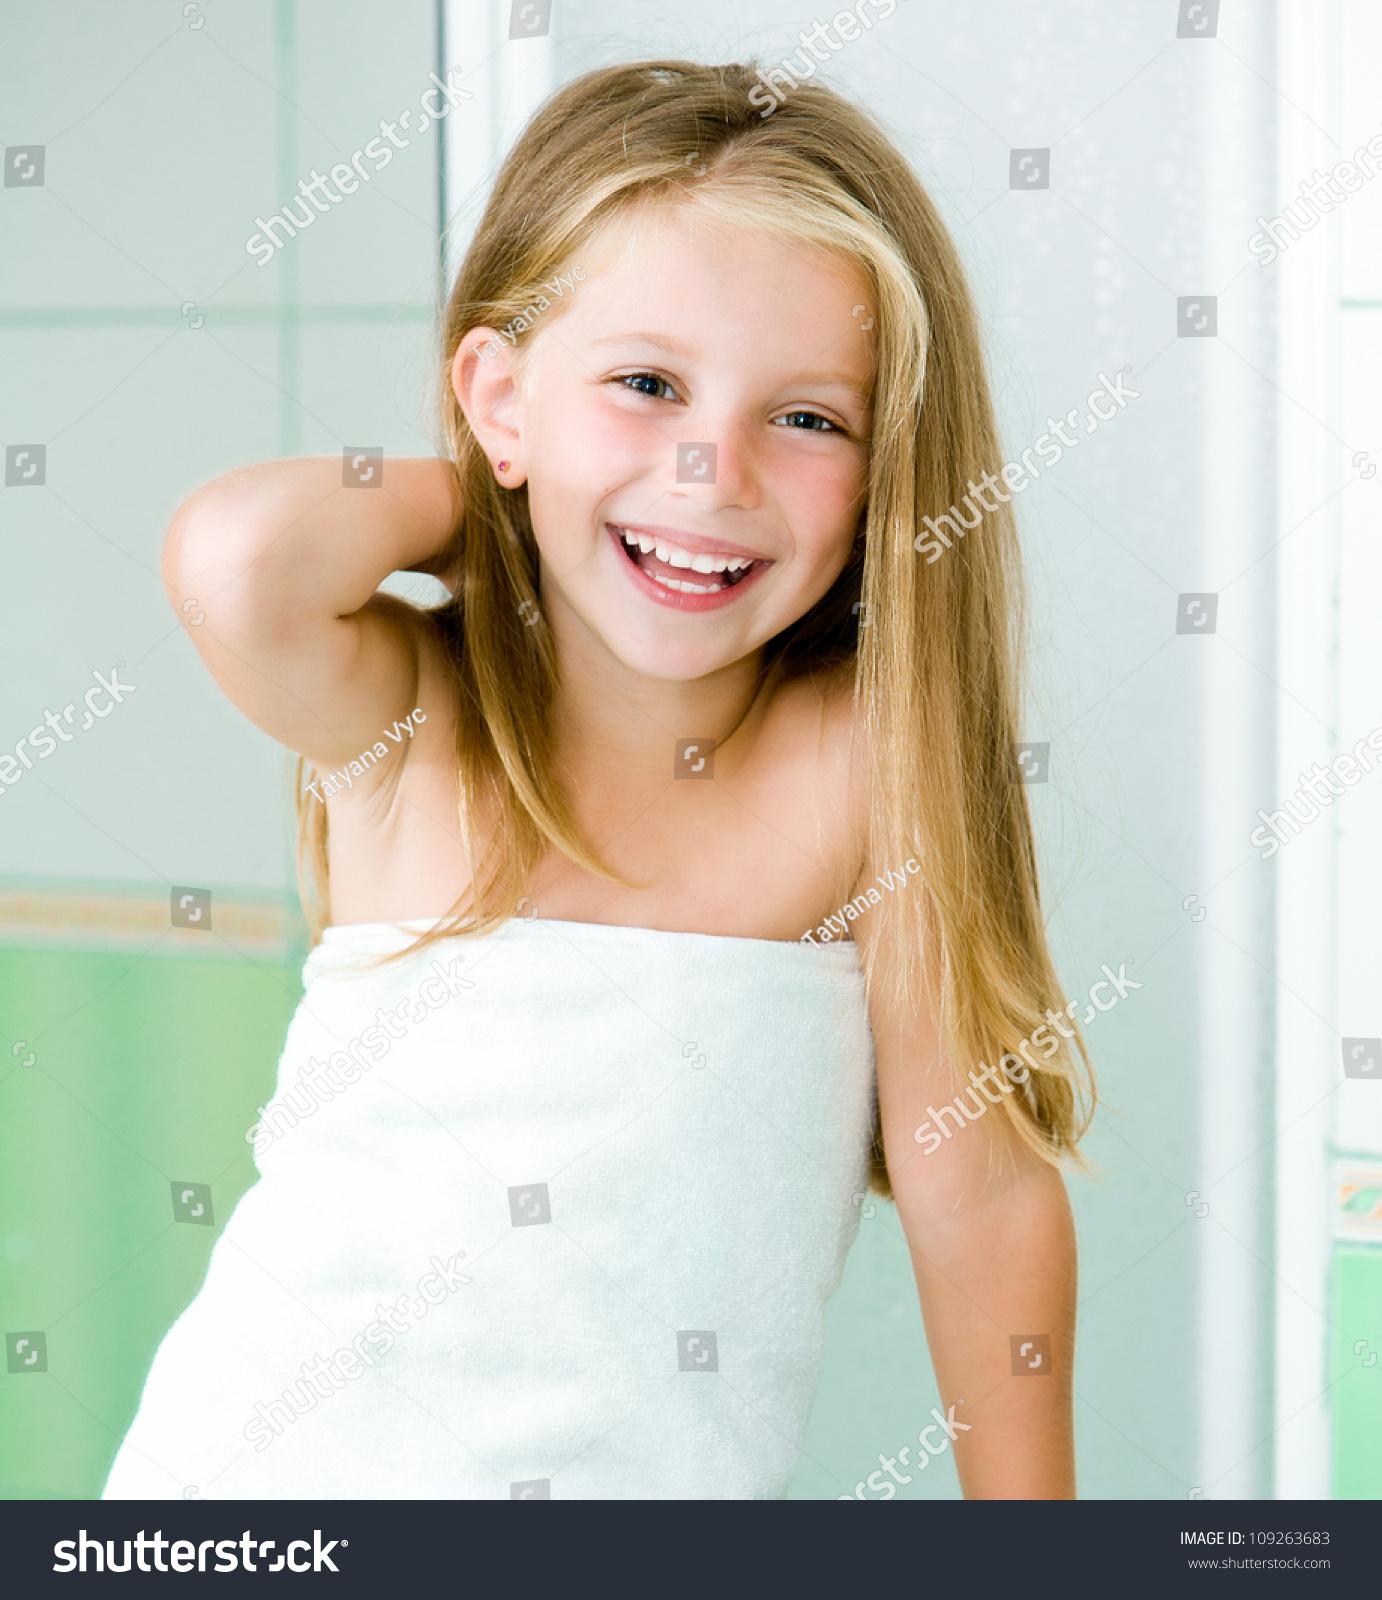 Смотреть бесплатно девочка в ванной 16 фотография